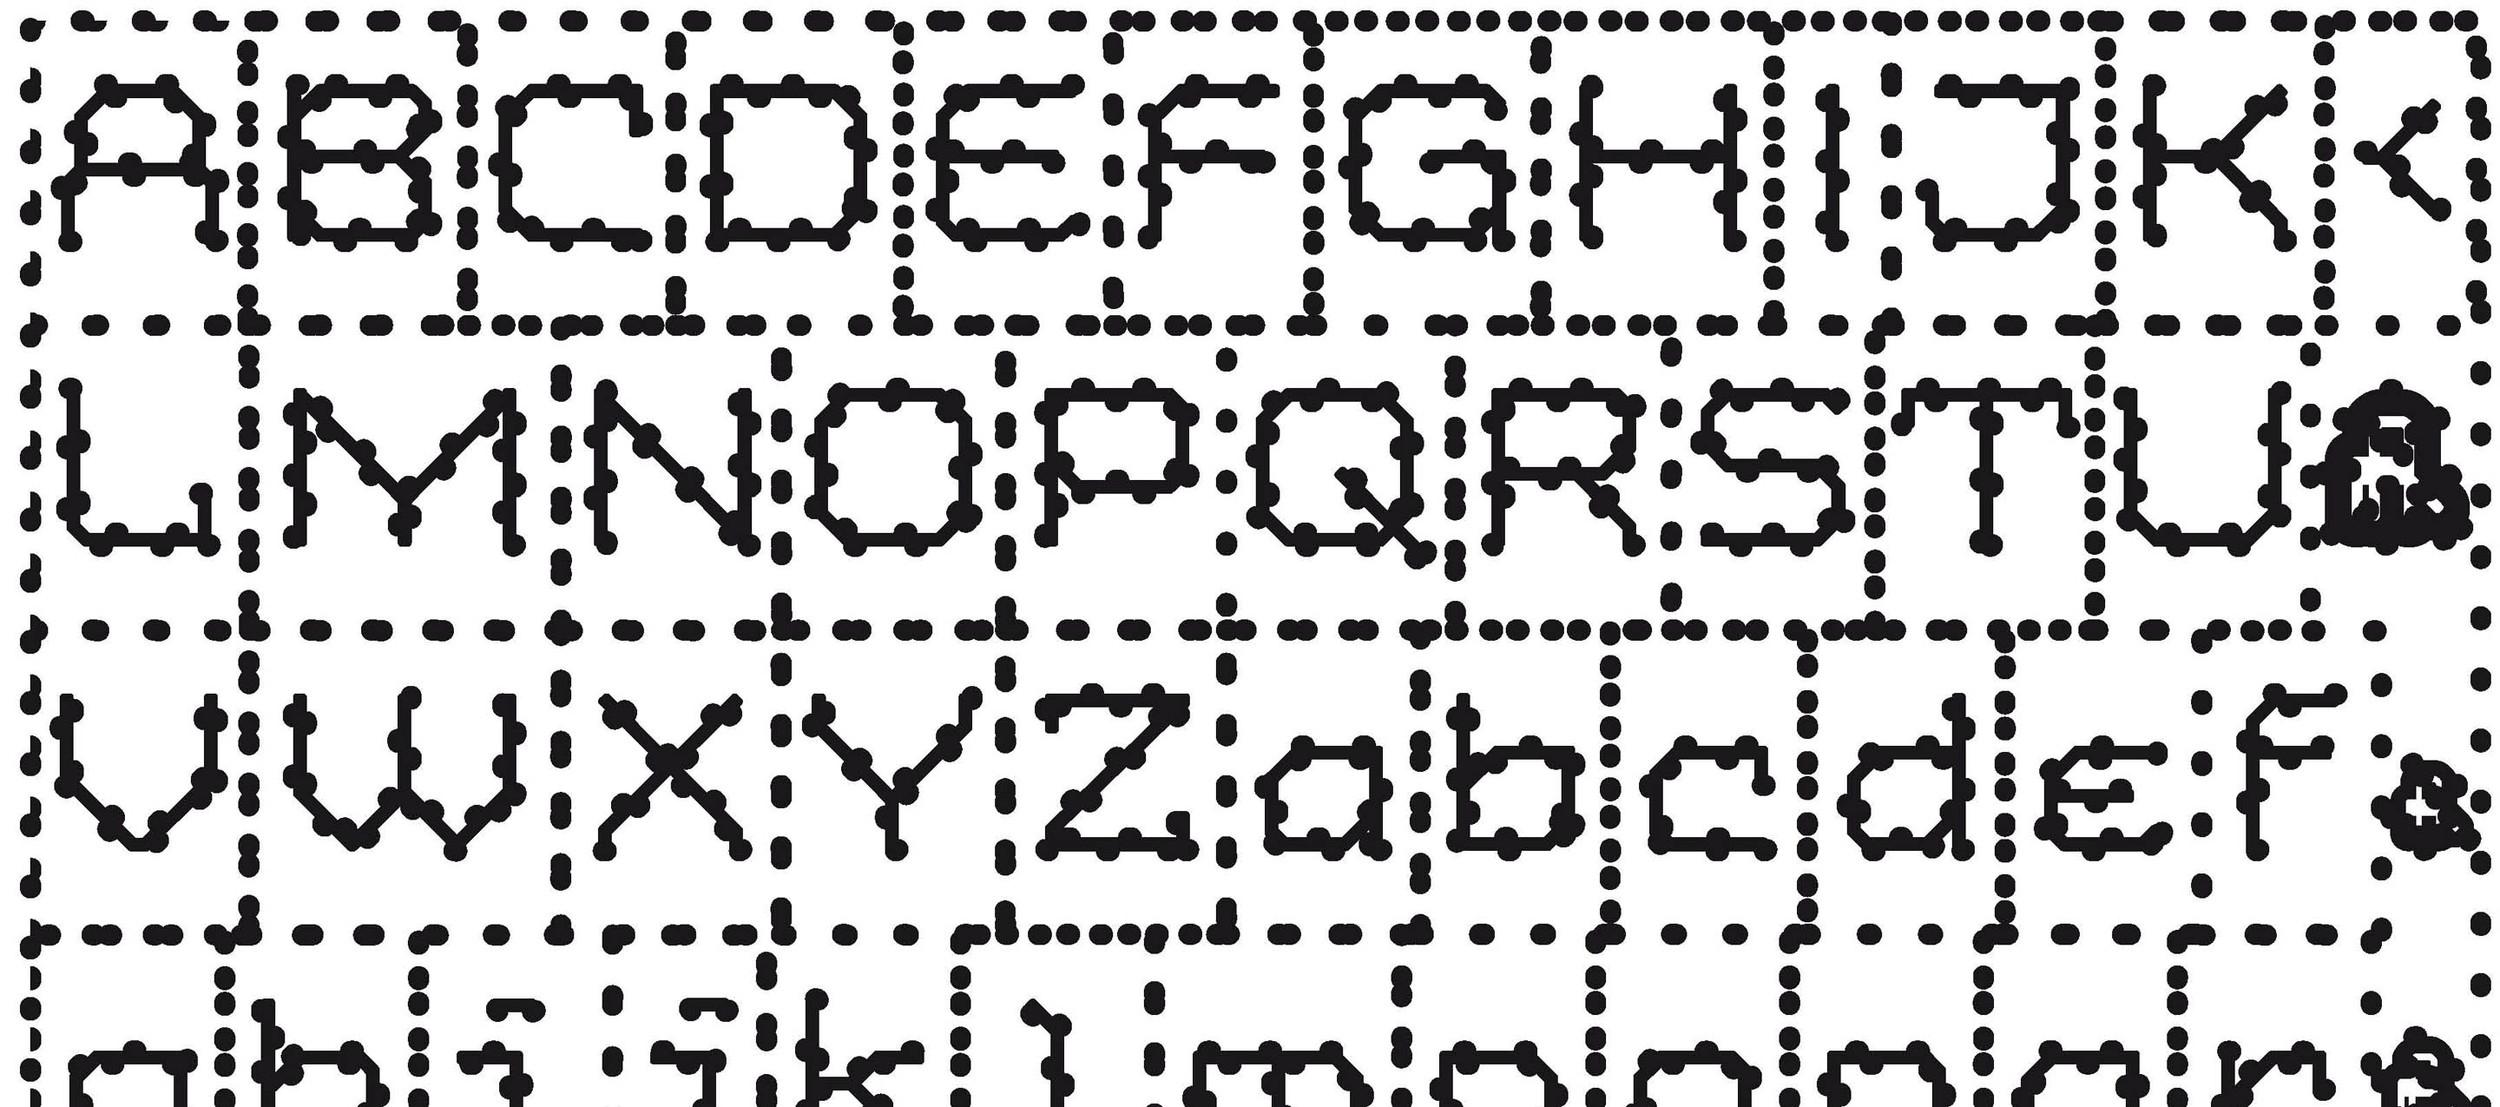 YDDY_Seite_241a.jpg